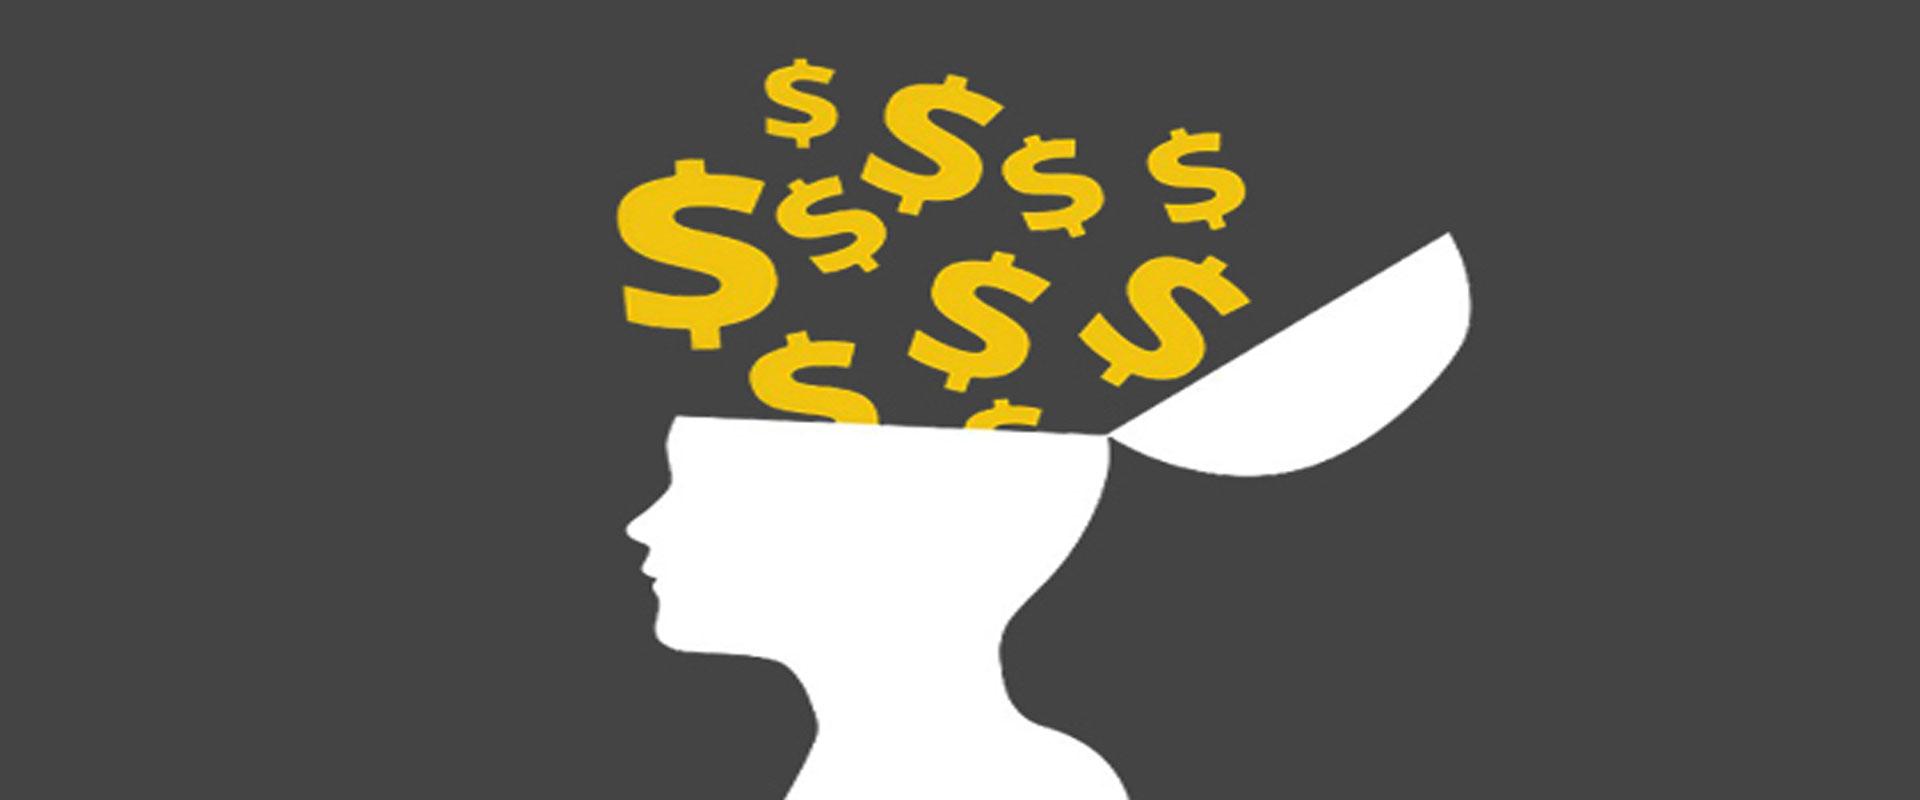 روش های بهبود بخشیدن به هوش مالی